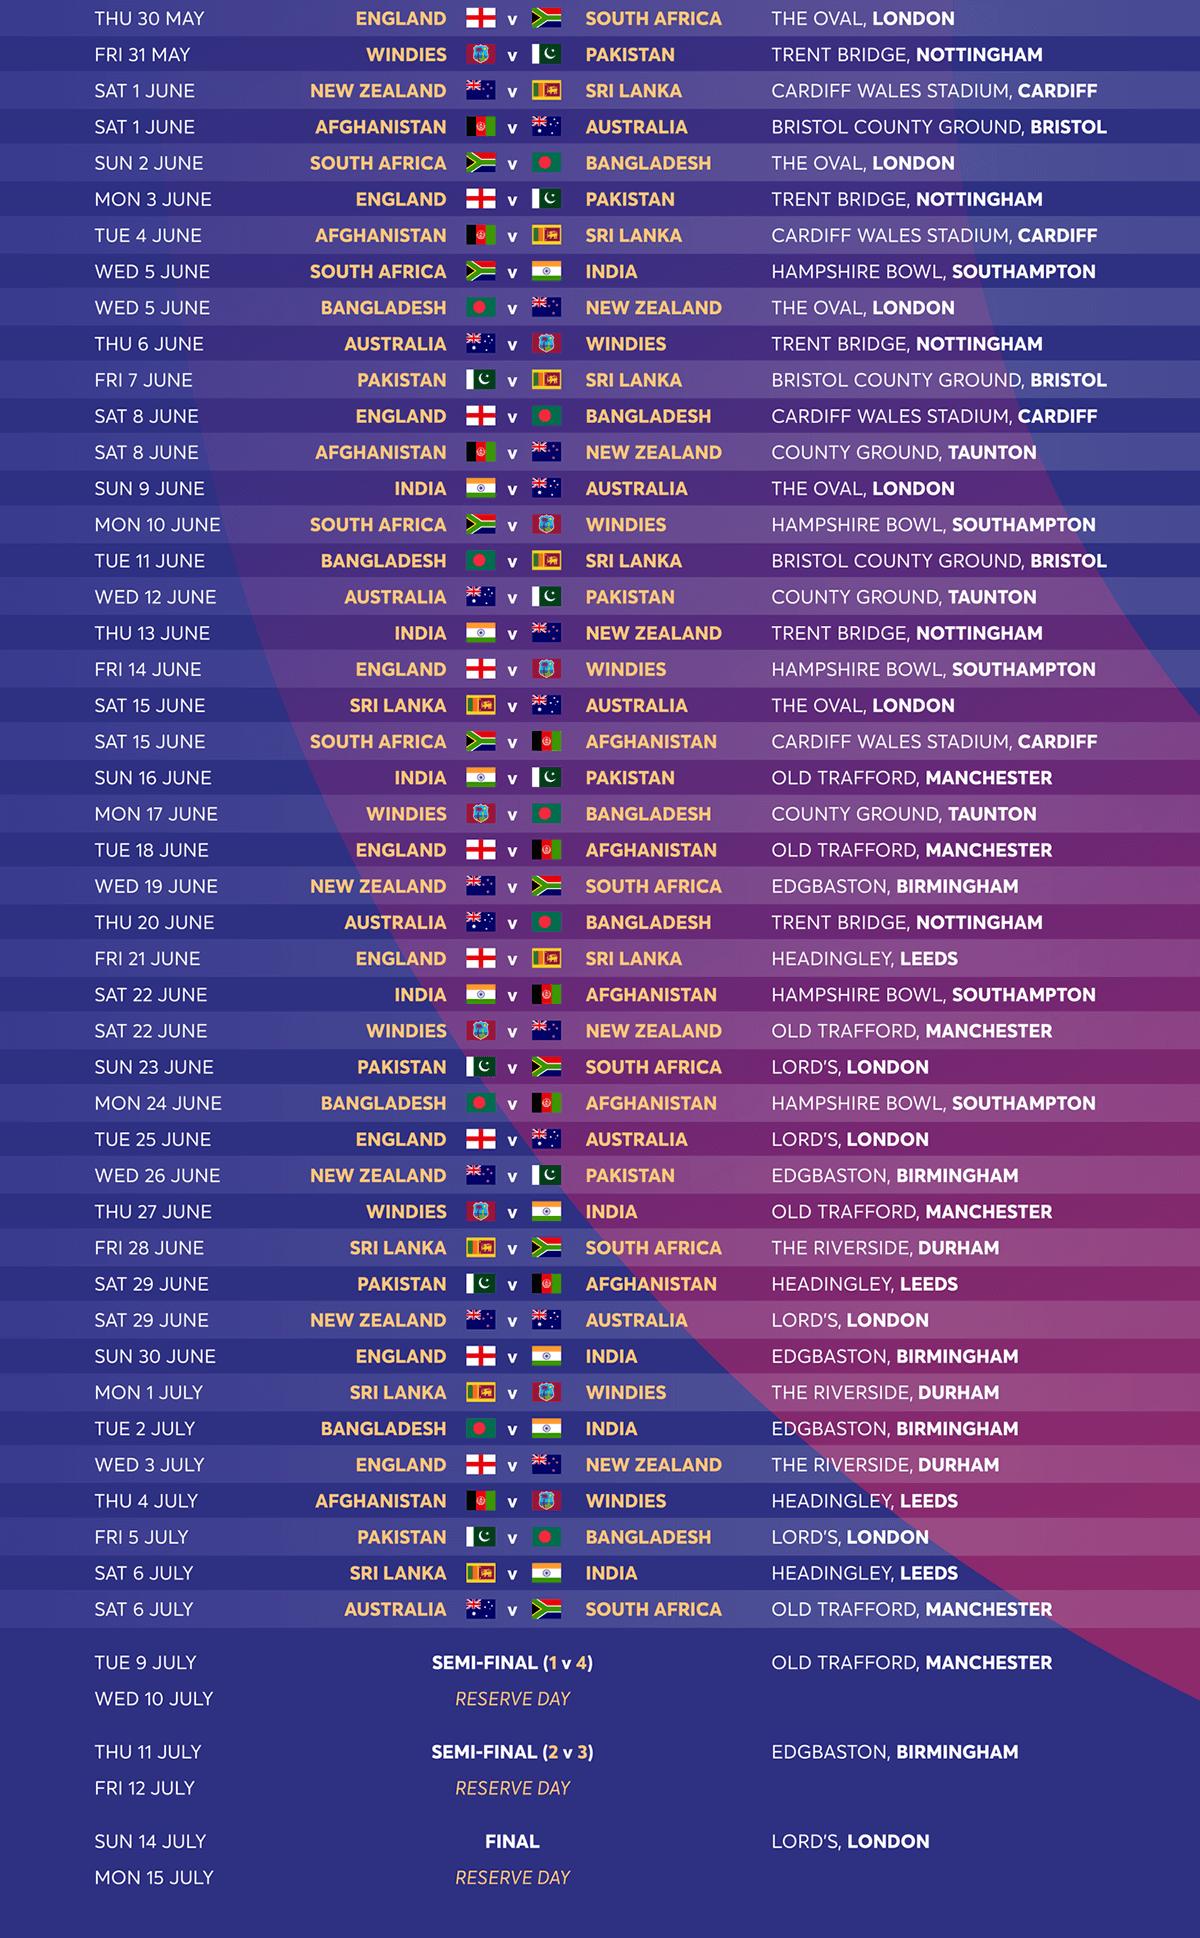 cricket-world-cup-2019-schedules